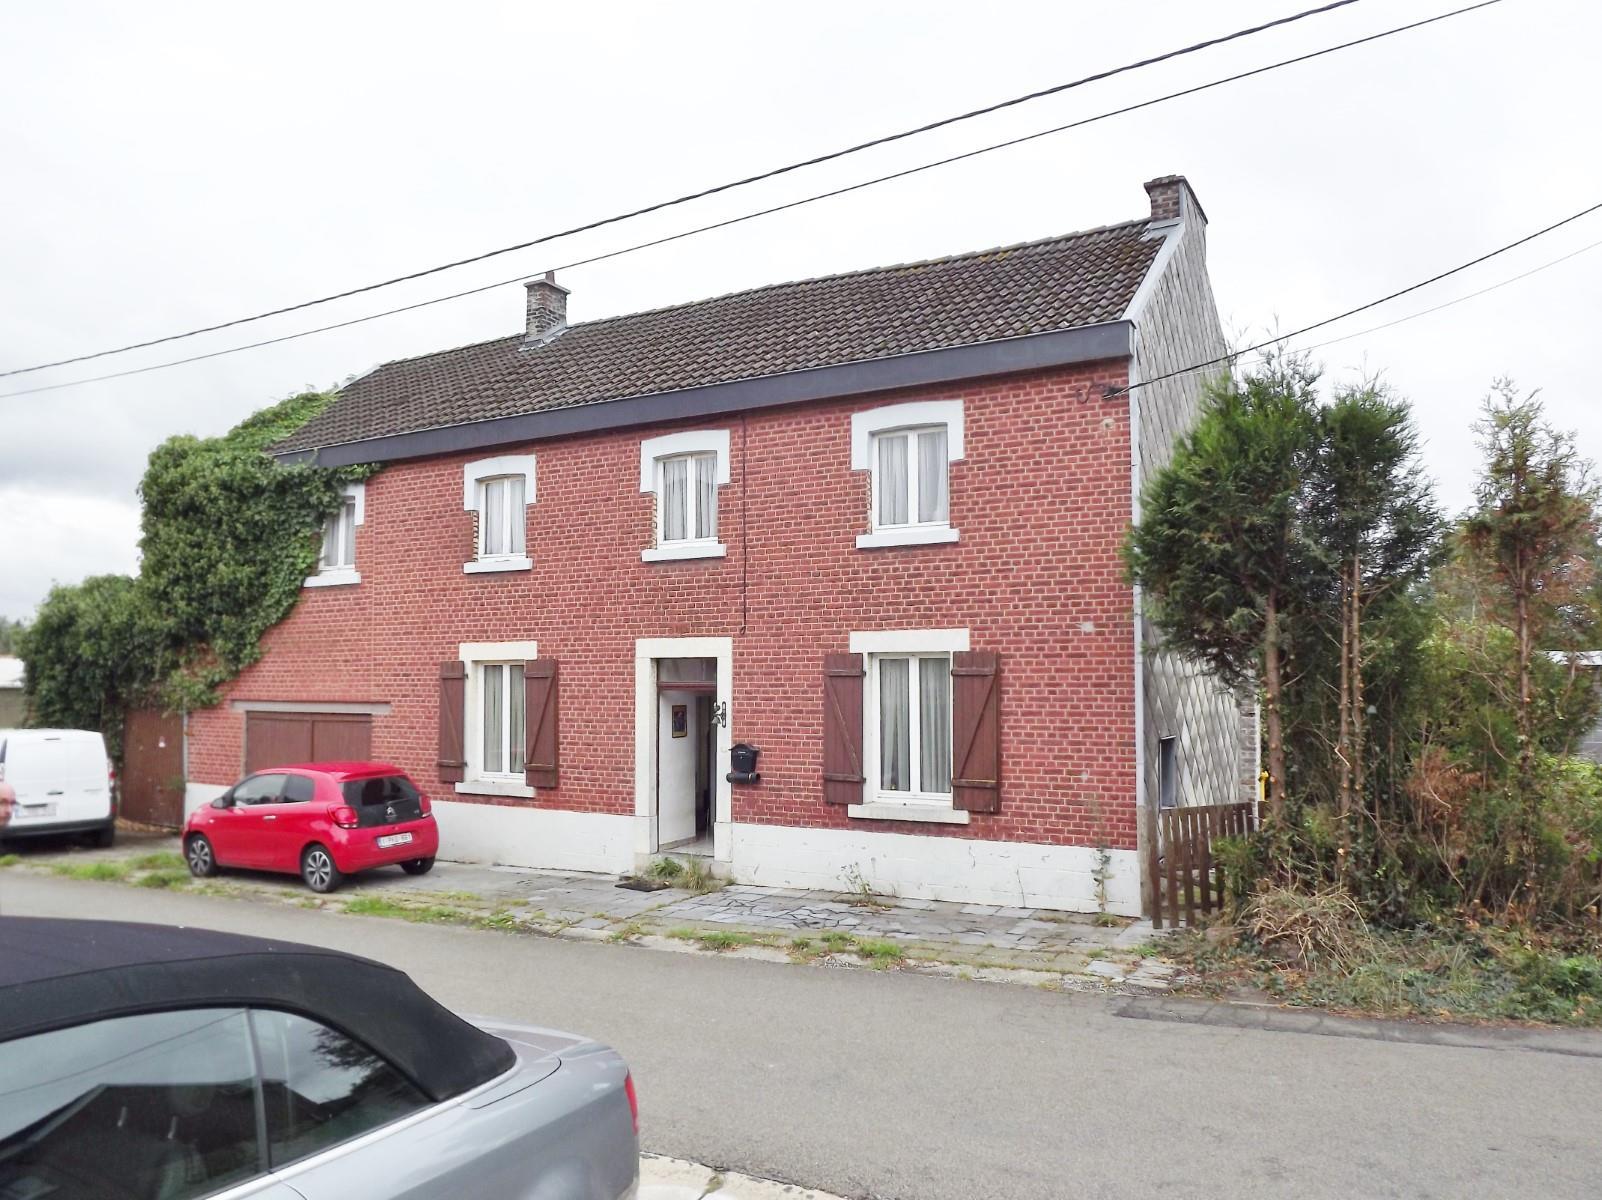 Maison - Villersle-Bouillet Fize-Fontaine - #3955825-1